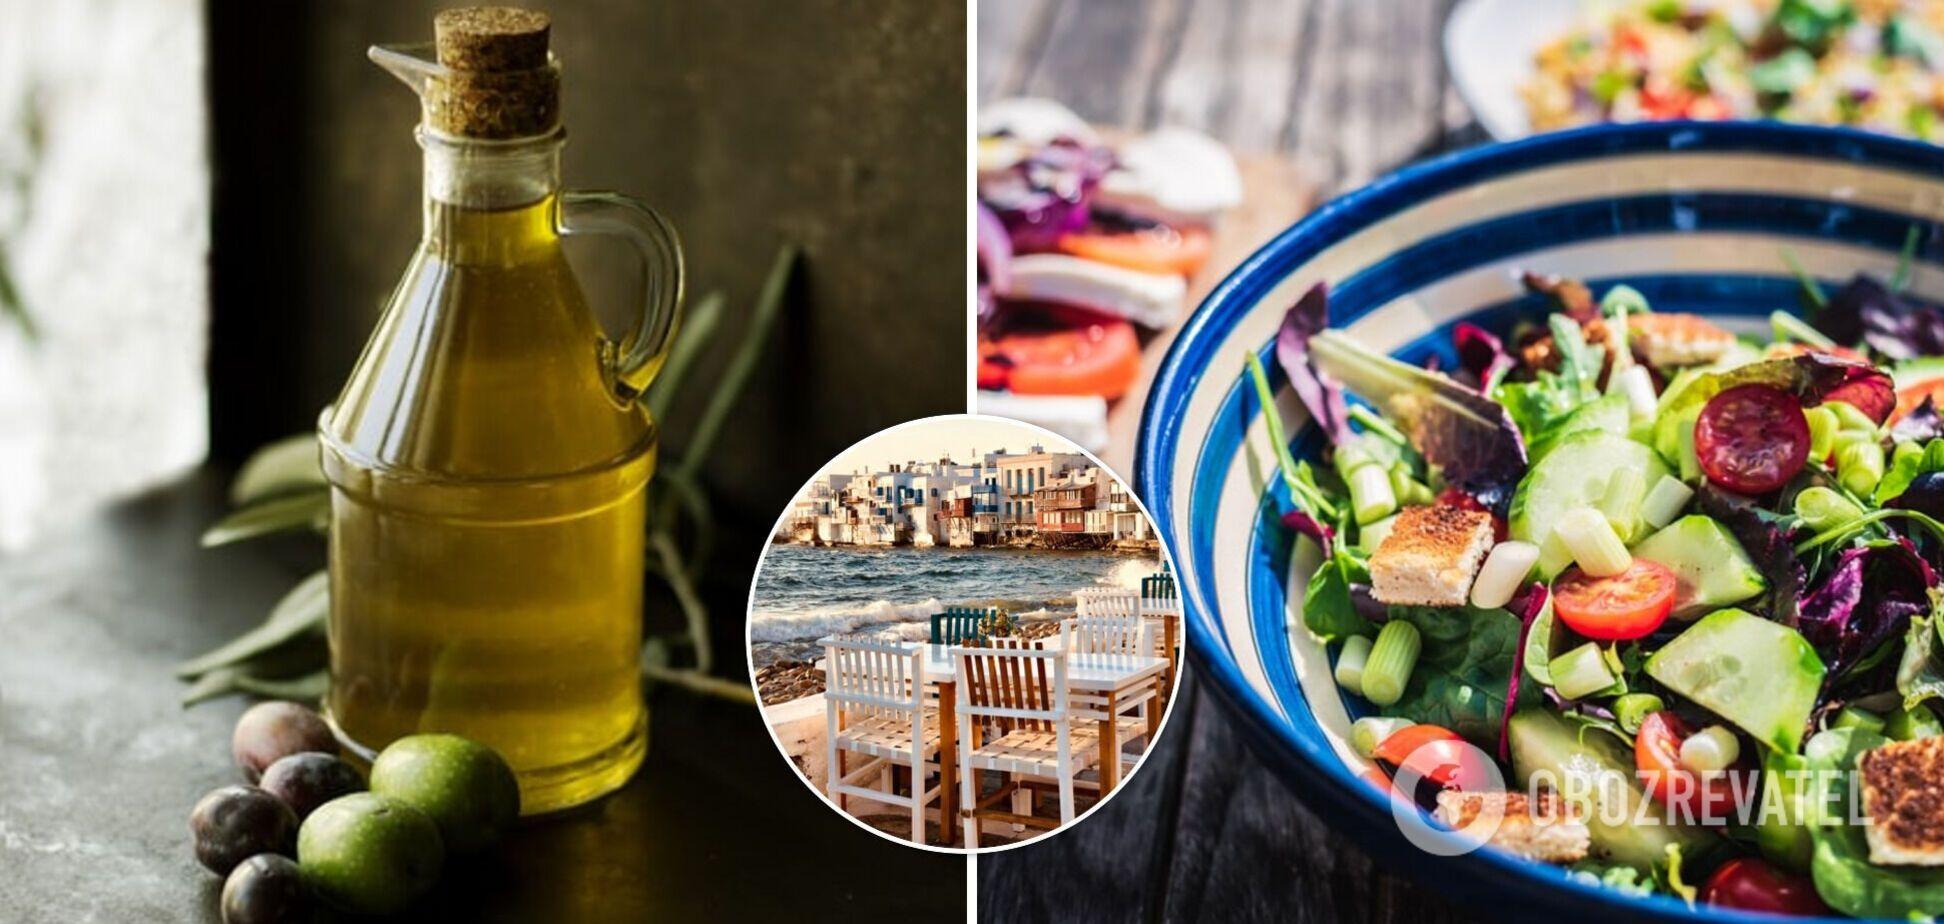 Середземноморська дієта може знизити ризик передчасної смерті на 25%: результати дослідження